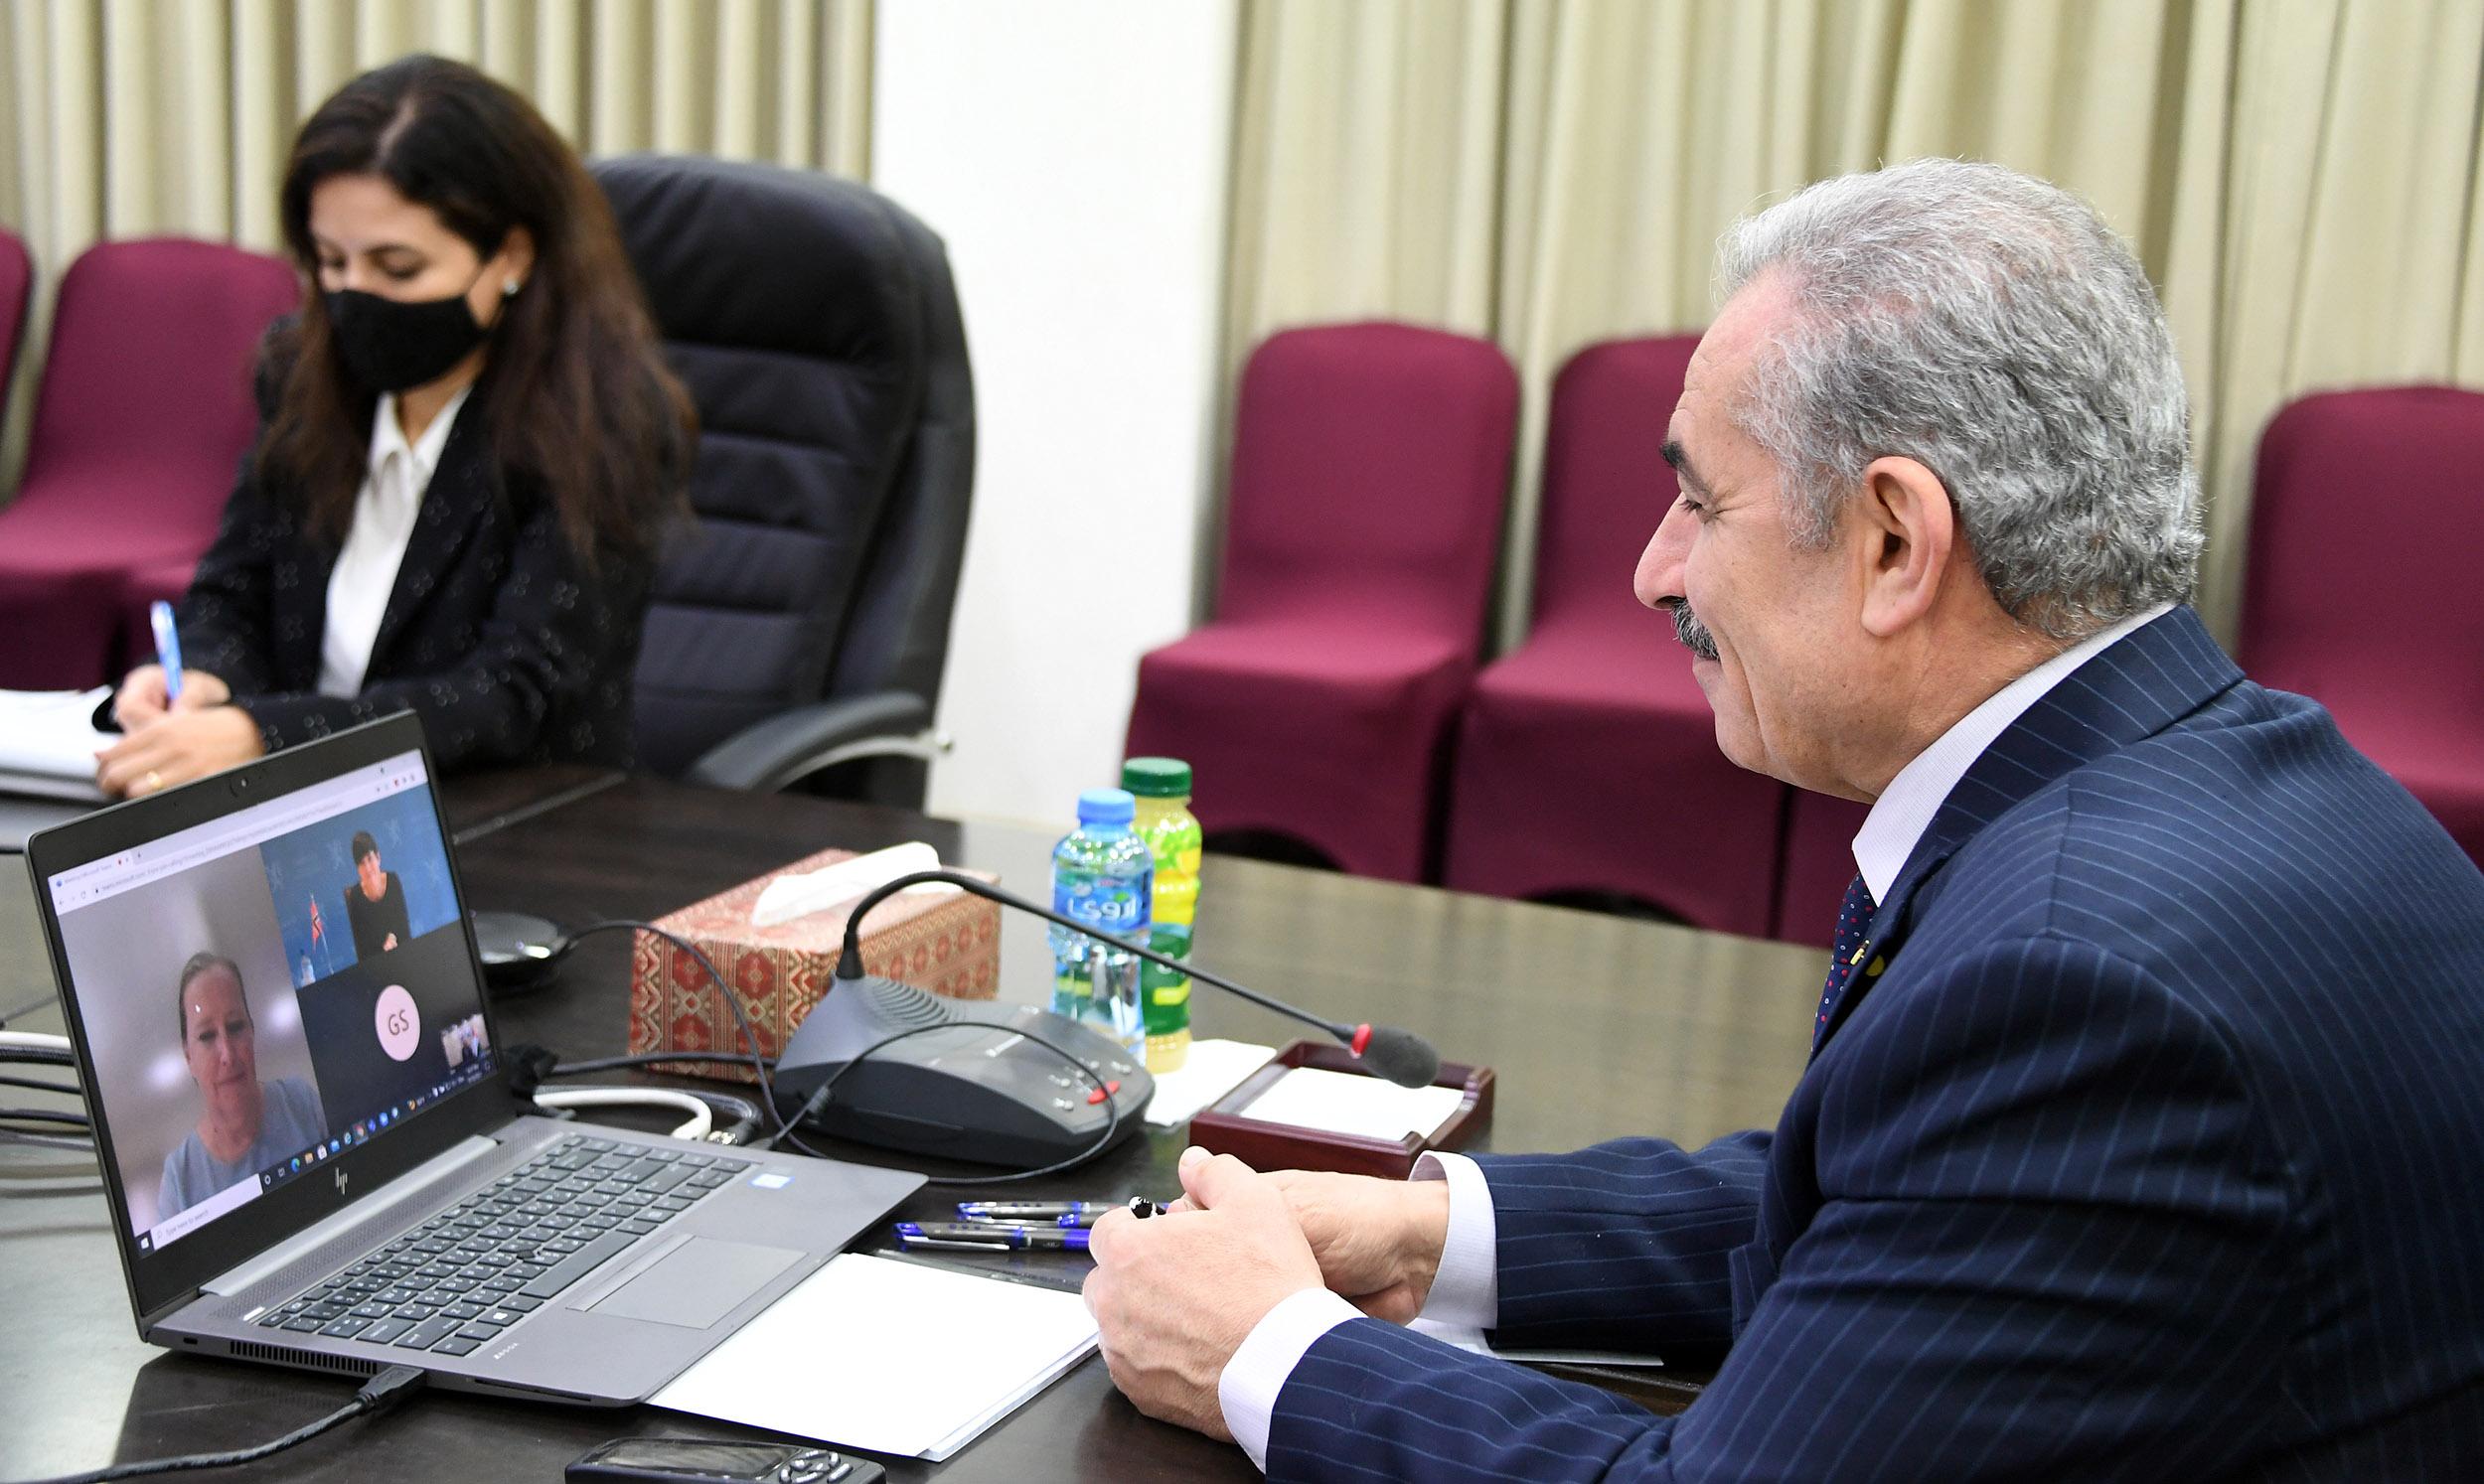 اشتية يطالب بالضغط على الاحتلال لإلزامه بدفع كامل المستحقات المالية المحتجزة